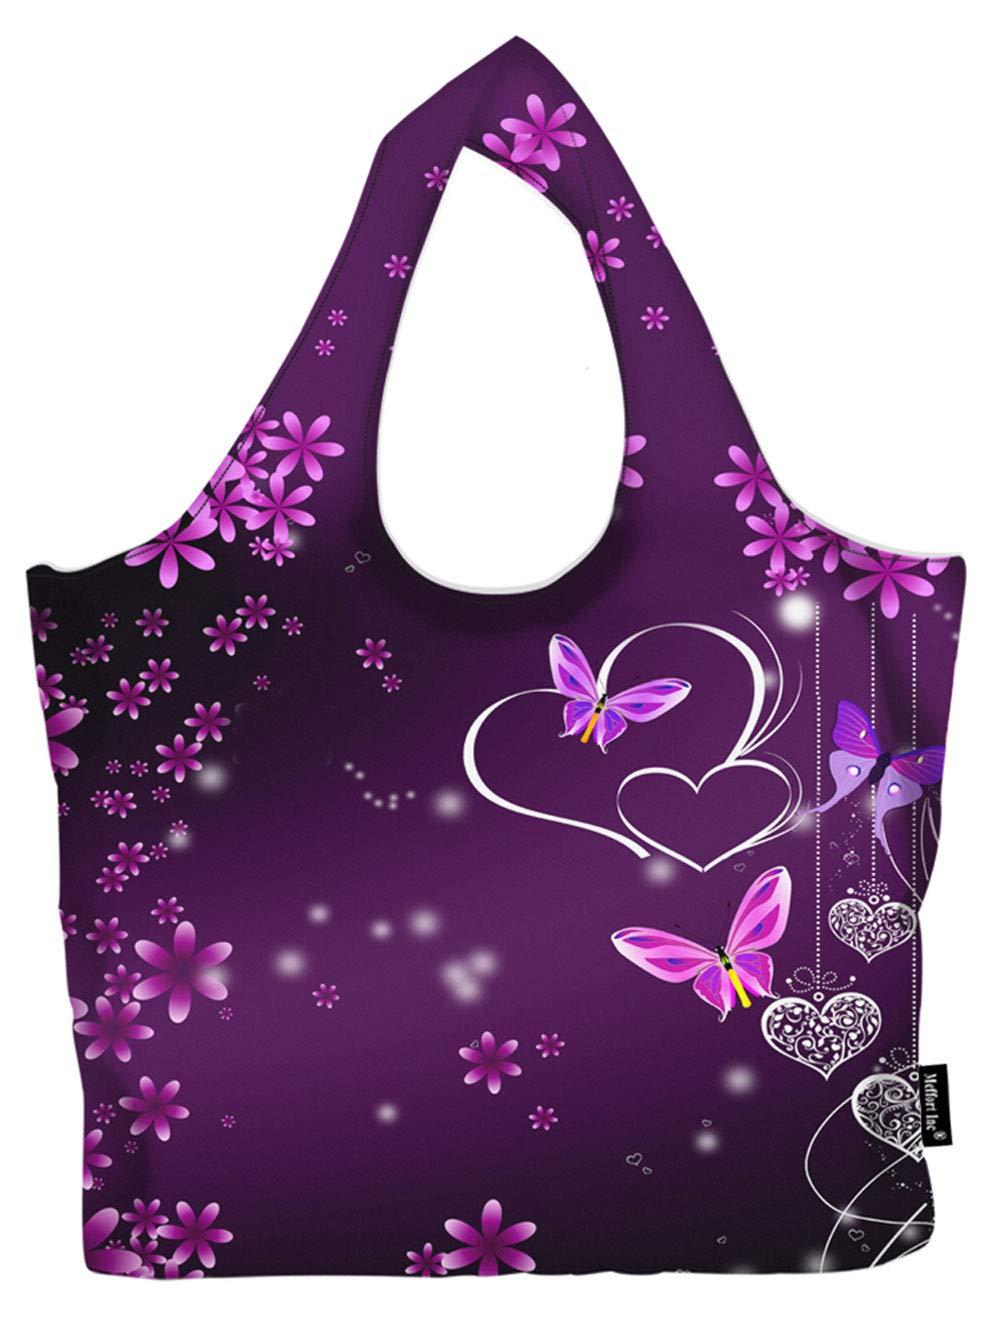 防水折りたたみ式大型買い物バッグ 再利用可能 軽量 環境に優しいトートバッグ GFB_A B07RKDHVPC Purple Heart Butterflies